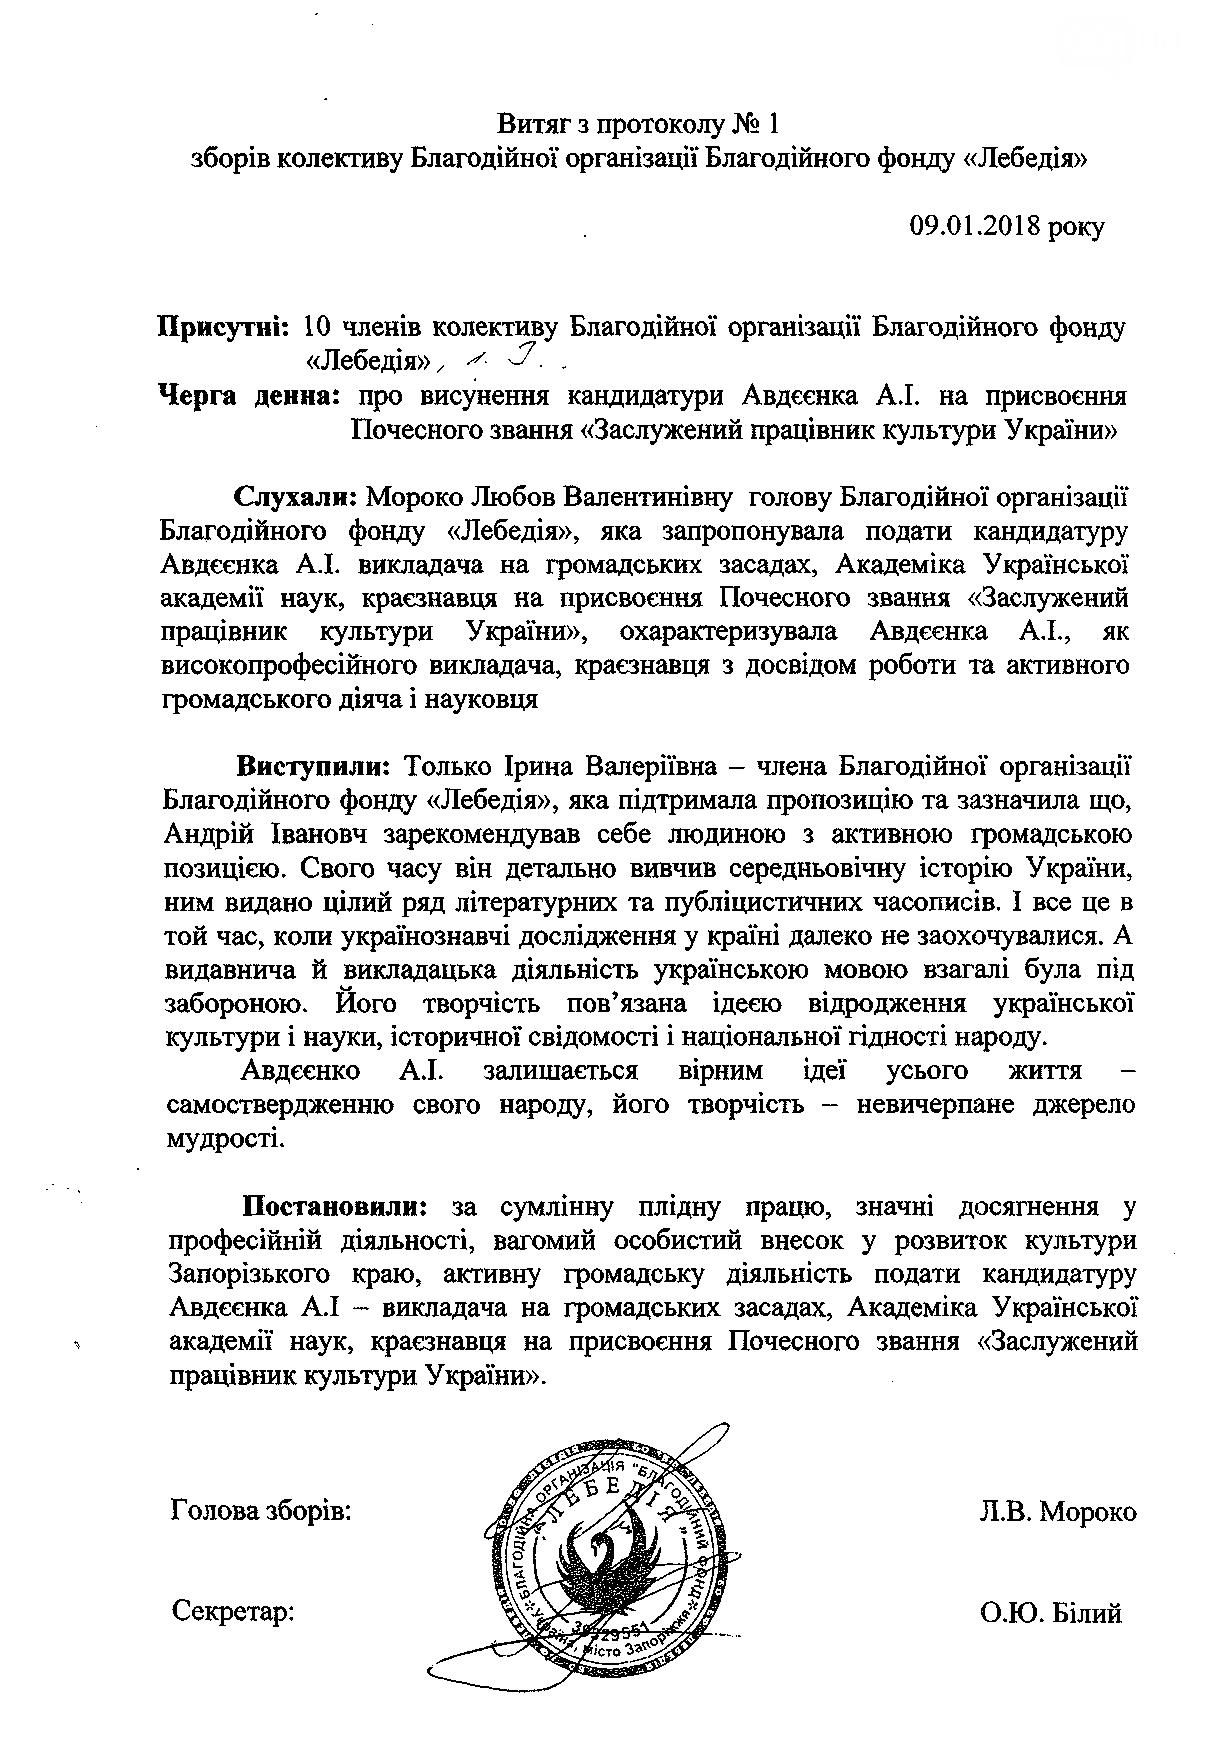 В ОГА рассказали, кто и за что попросил Порошенко присвоить «заслуженное» звание «адмиралу» Авдеенко, фото-5